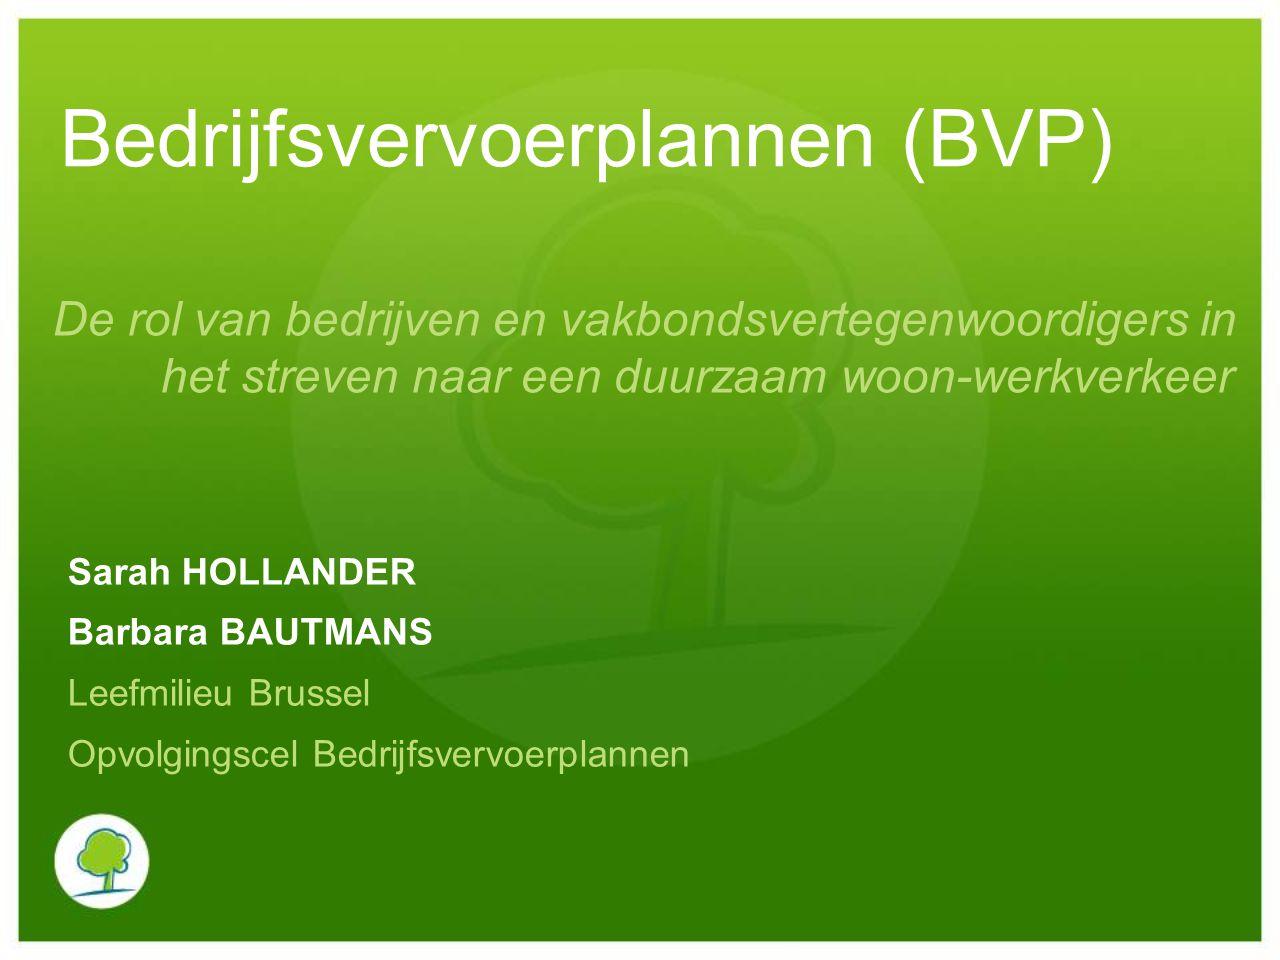 Bedrijfsvervoerplannen (BVP)